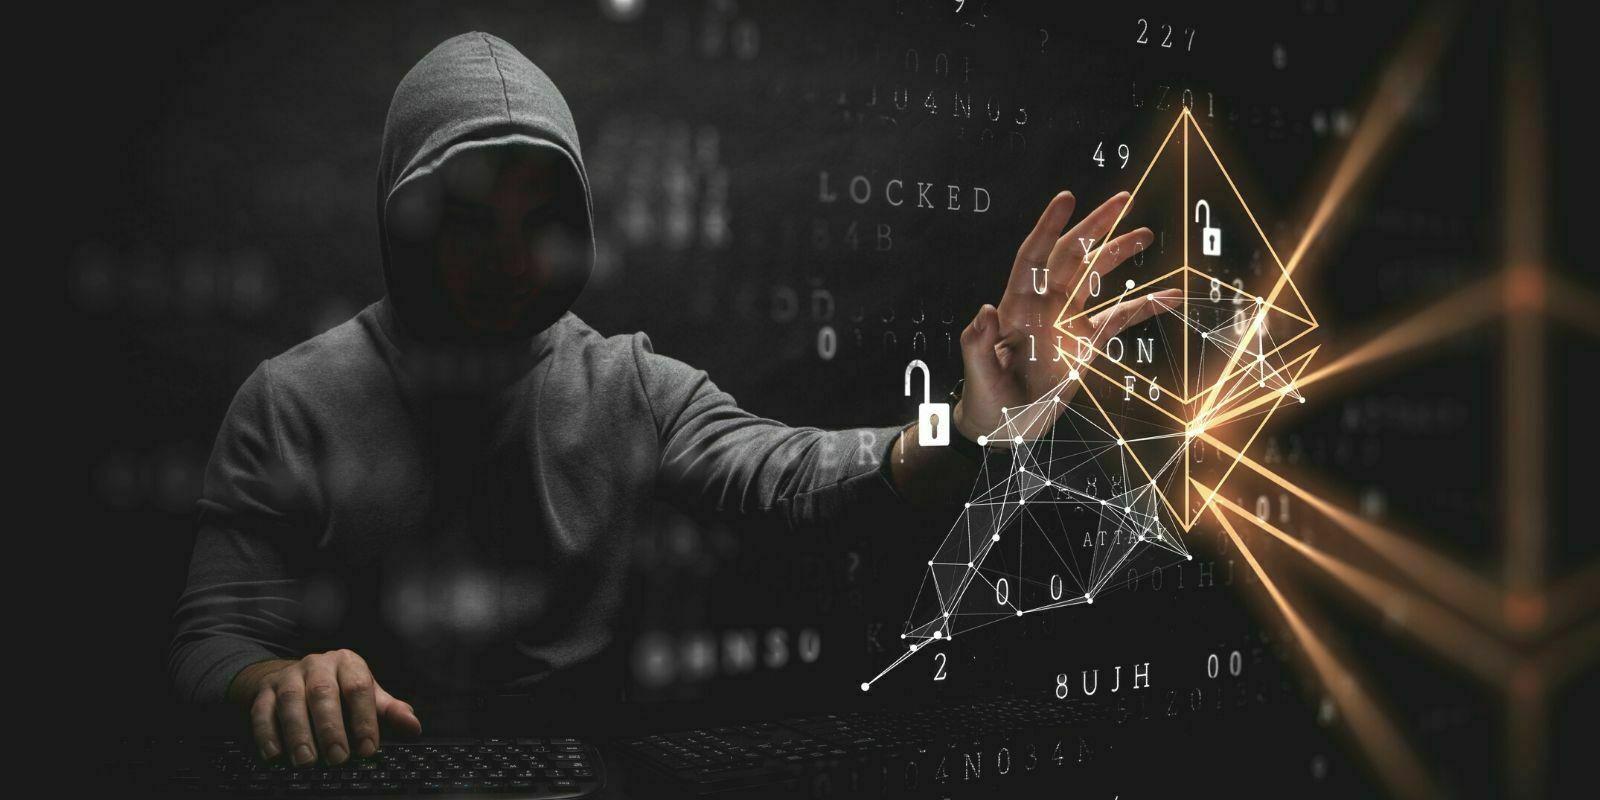 L'exchange Upbit subit un hack, $50M en éthers ont été volés